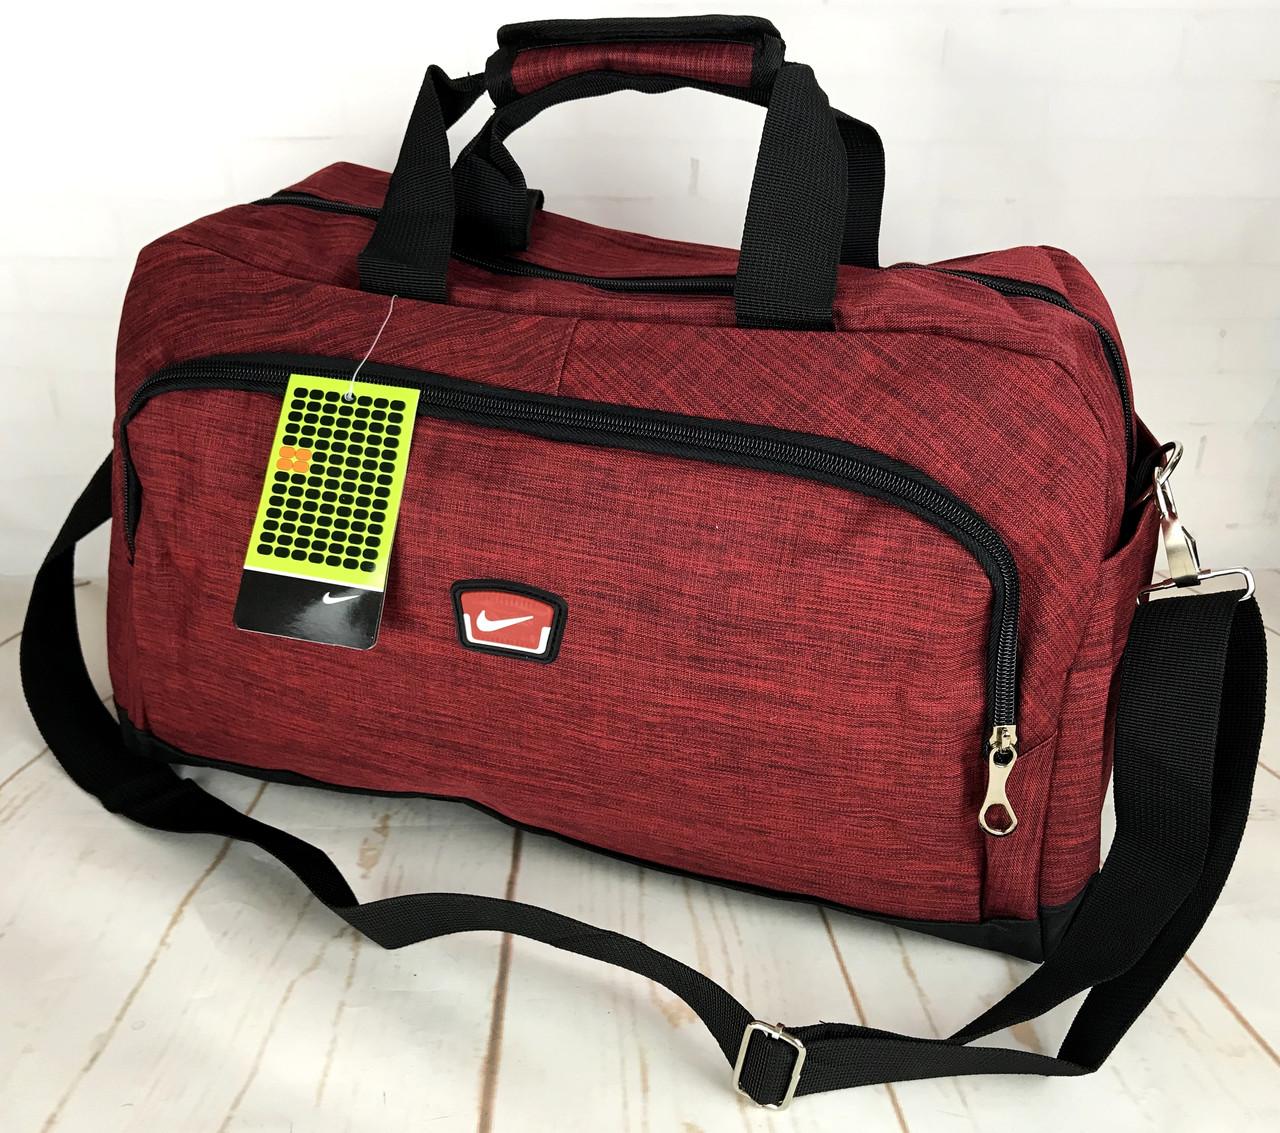 266825fd338f Небольшая спортивная сумка Nike.Сумка для тренировок .Раз. 43*28*22 ...